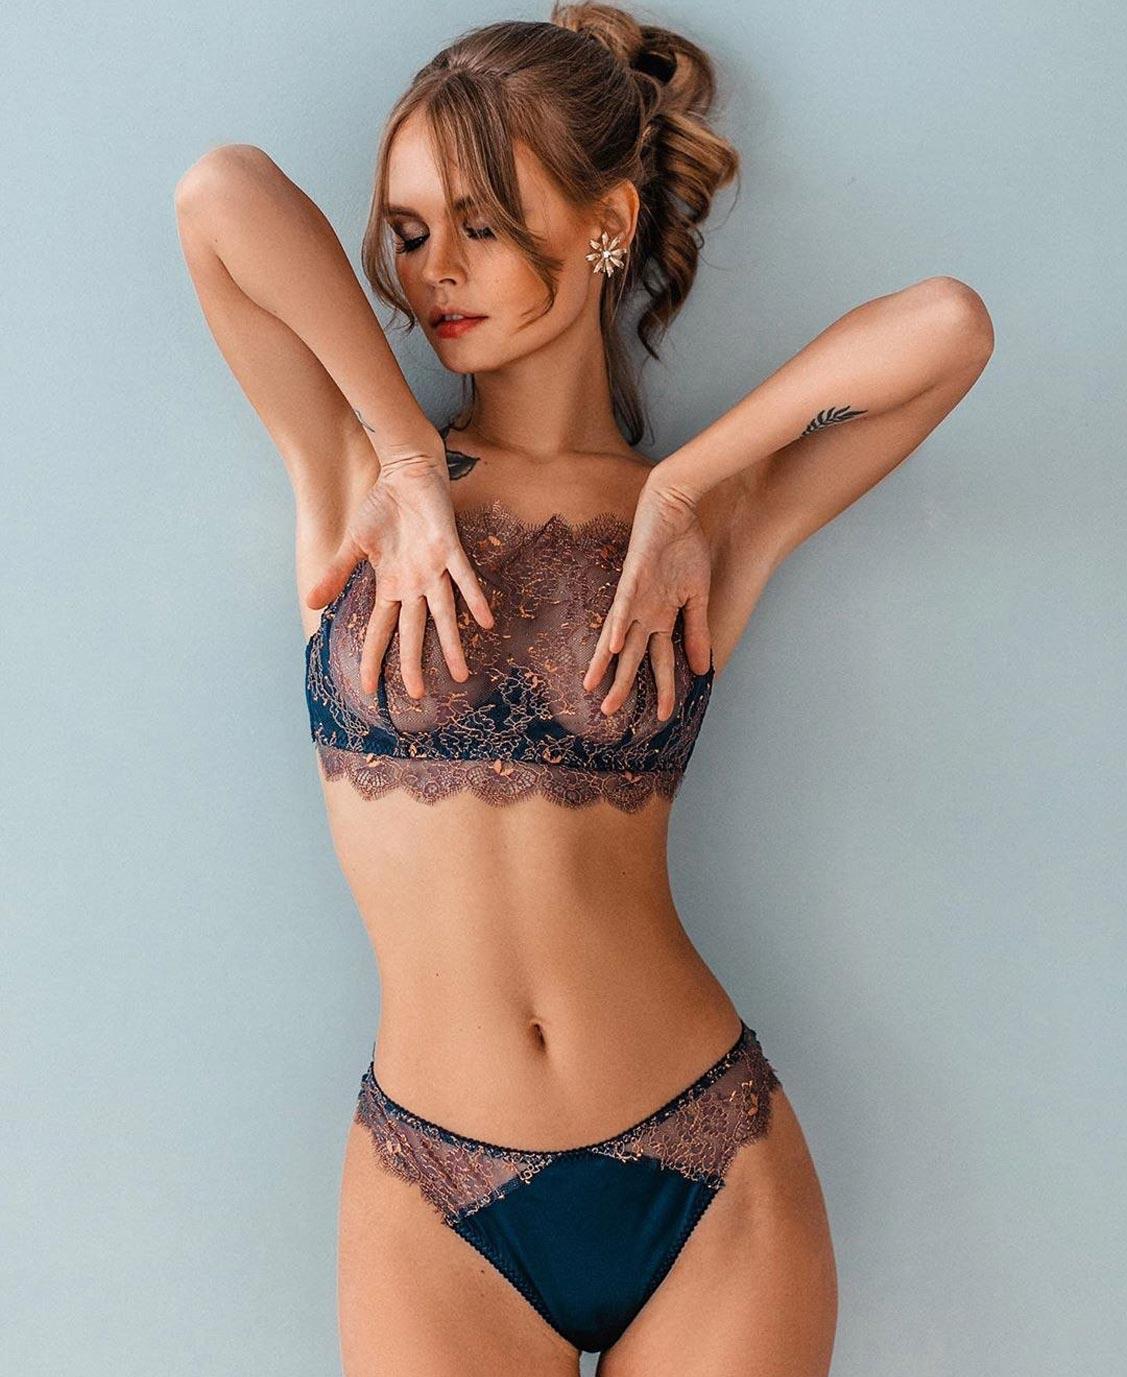 Анастасия Щеглова в нижнем белье торговой марки MissX / фото 40